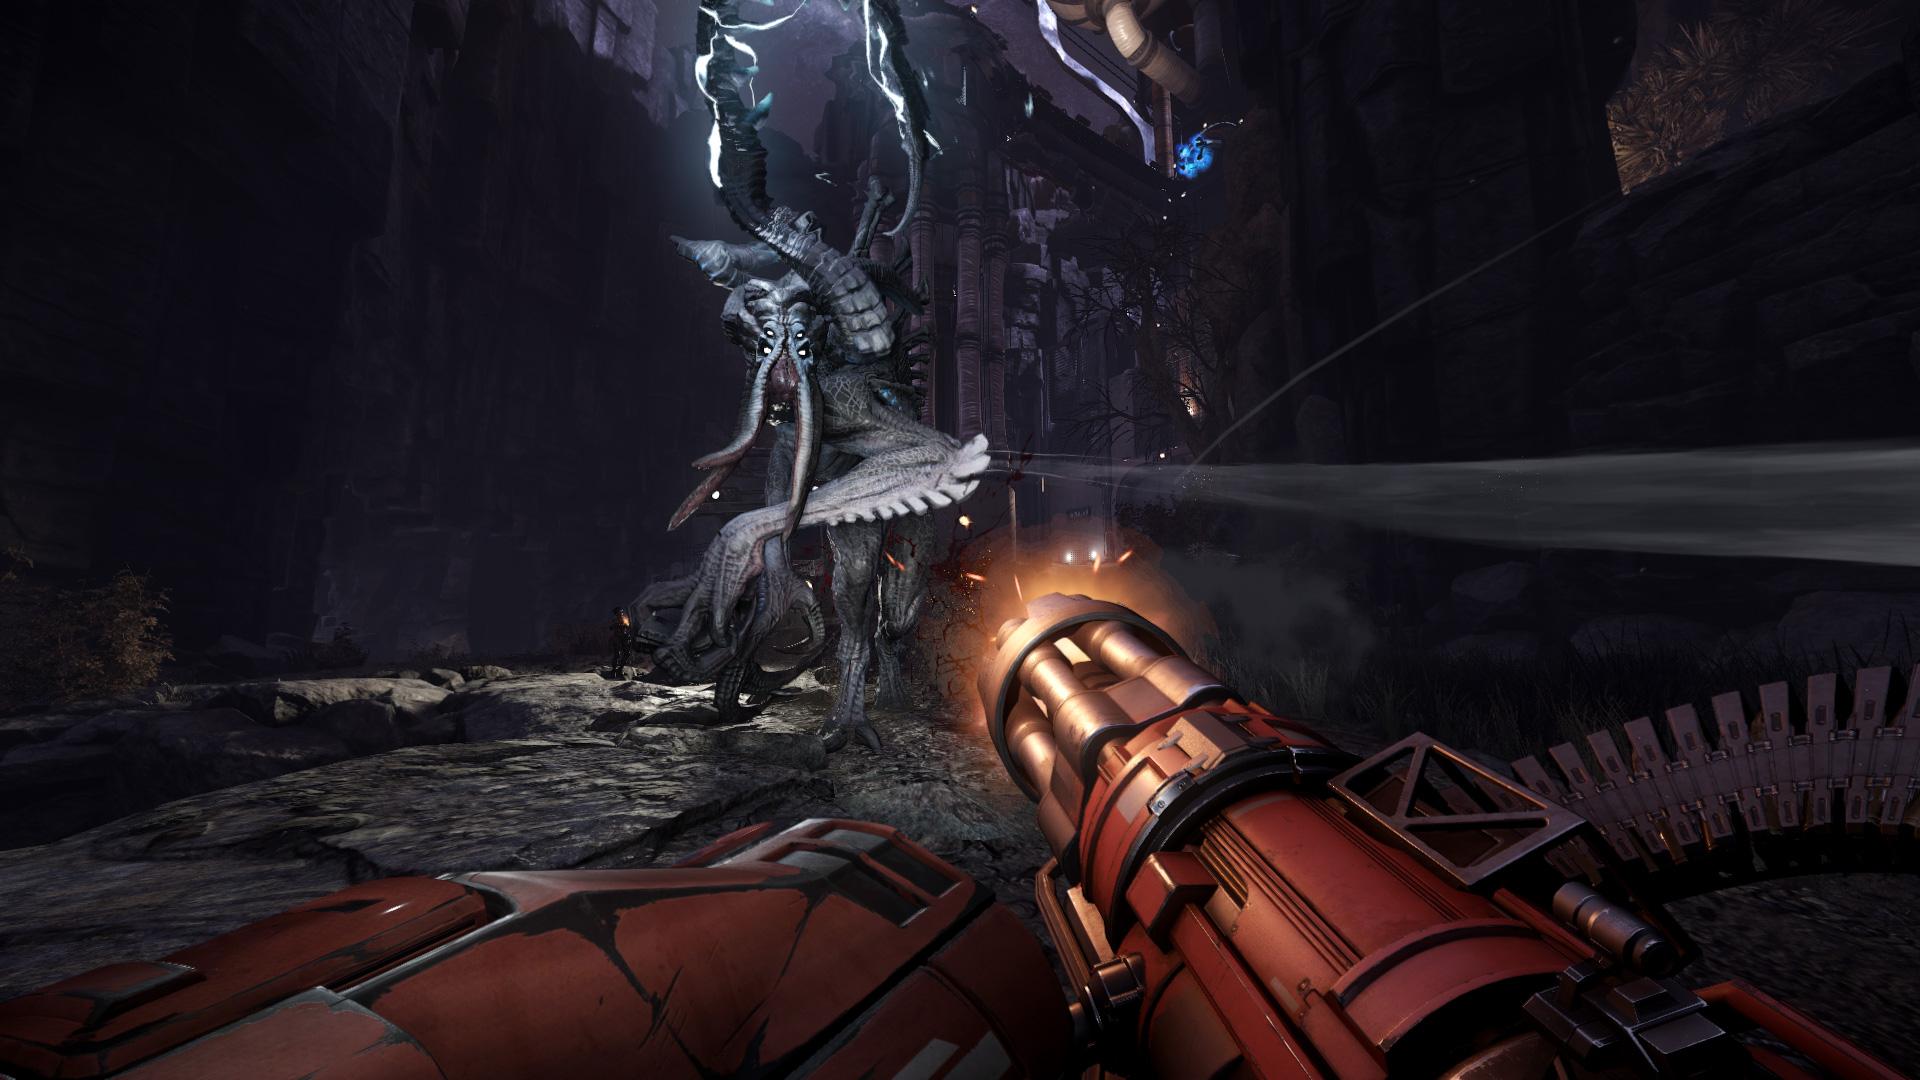 Evolve leads E3 2014 critics nominations